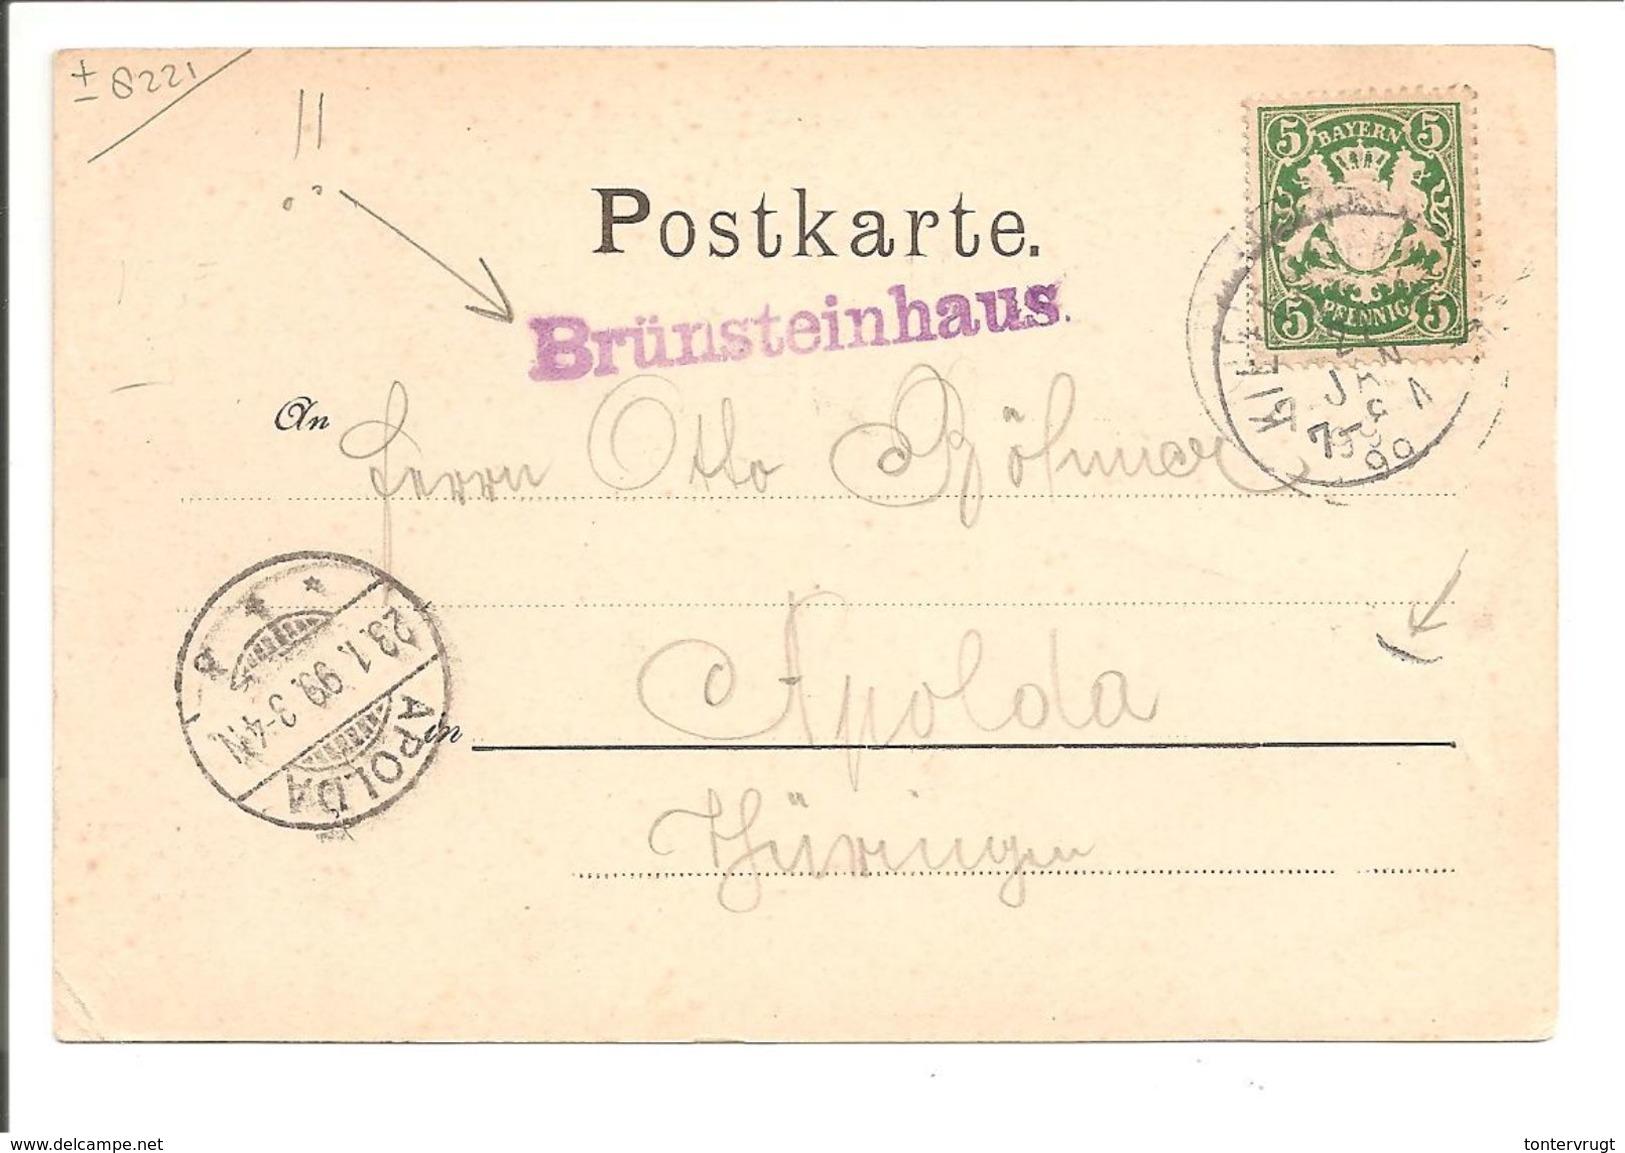 Brünnstein. Gruss Vom Brünnstein. 5 Photo's U.a. BRÜNNSTEINHAUS. HÜTTENSTEMPEL BRÜNNSTEINHAUS  VIOLET - Sonstige